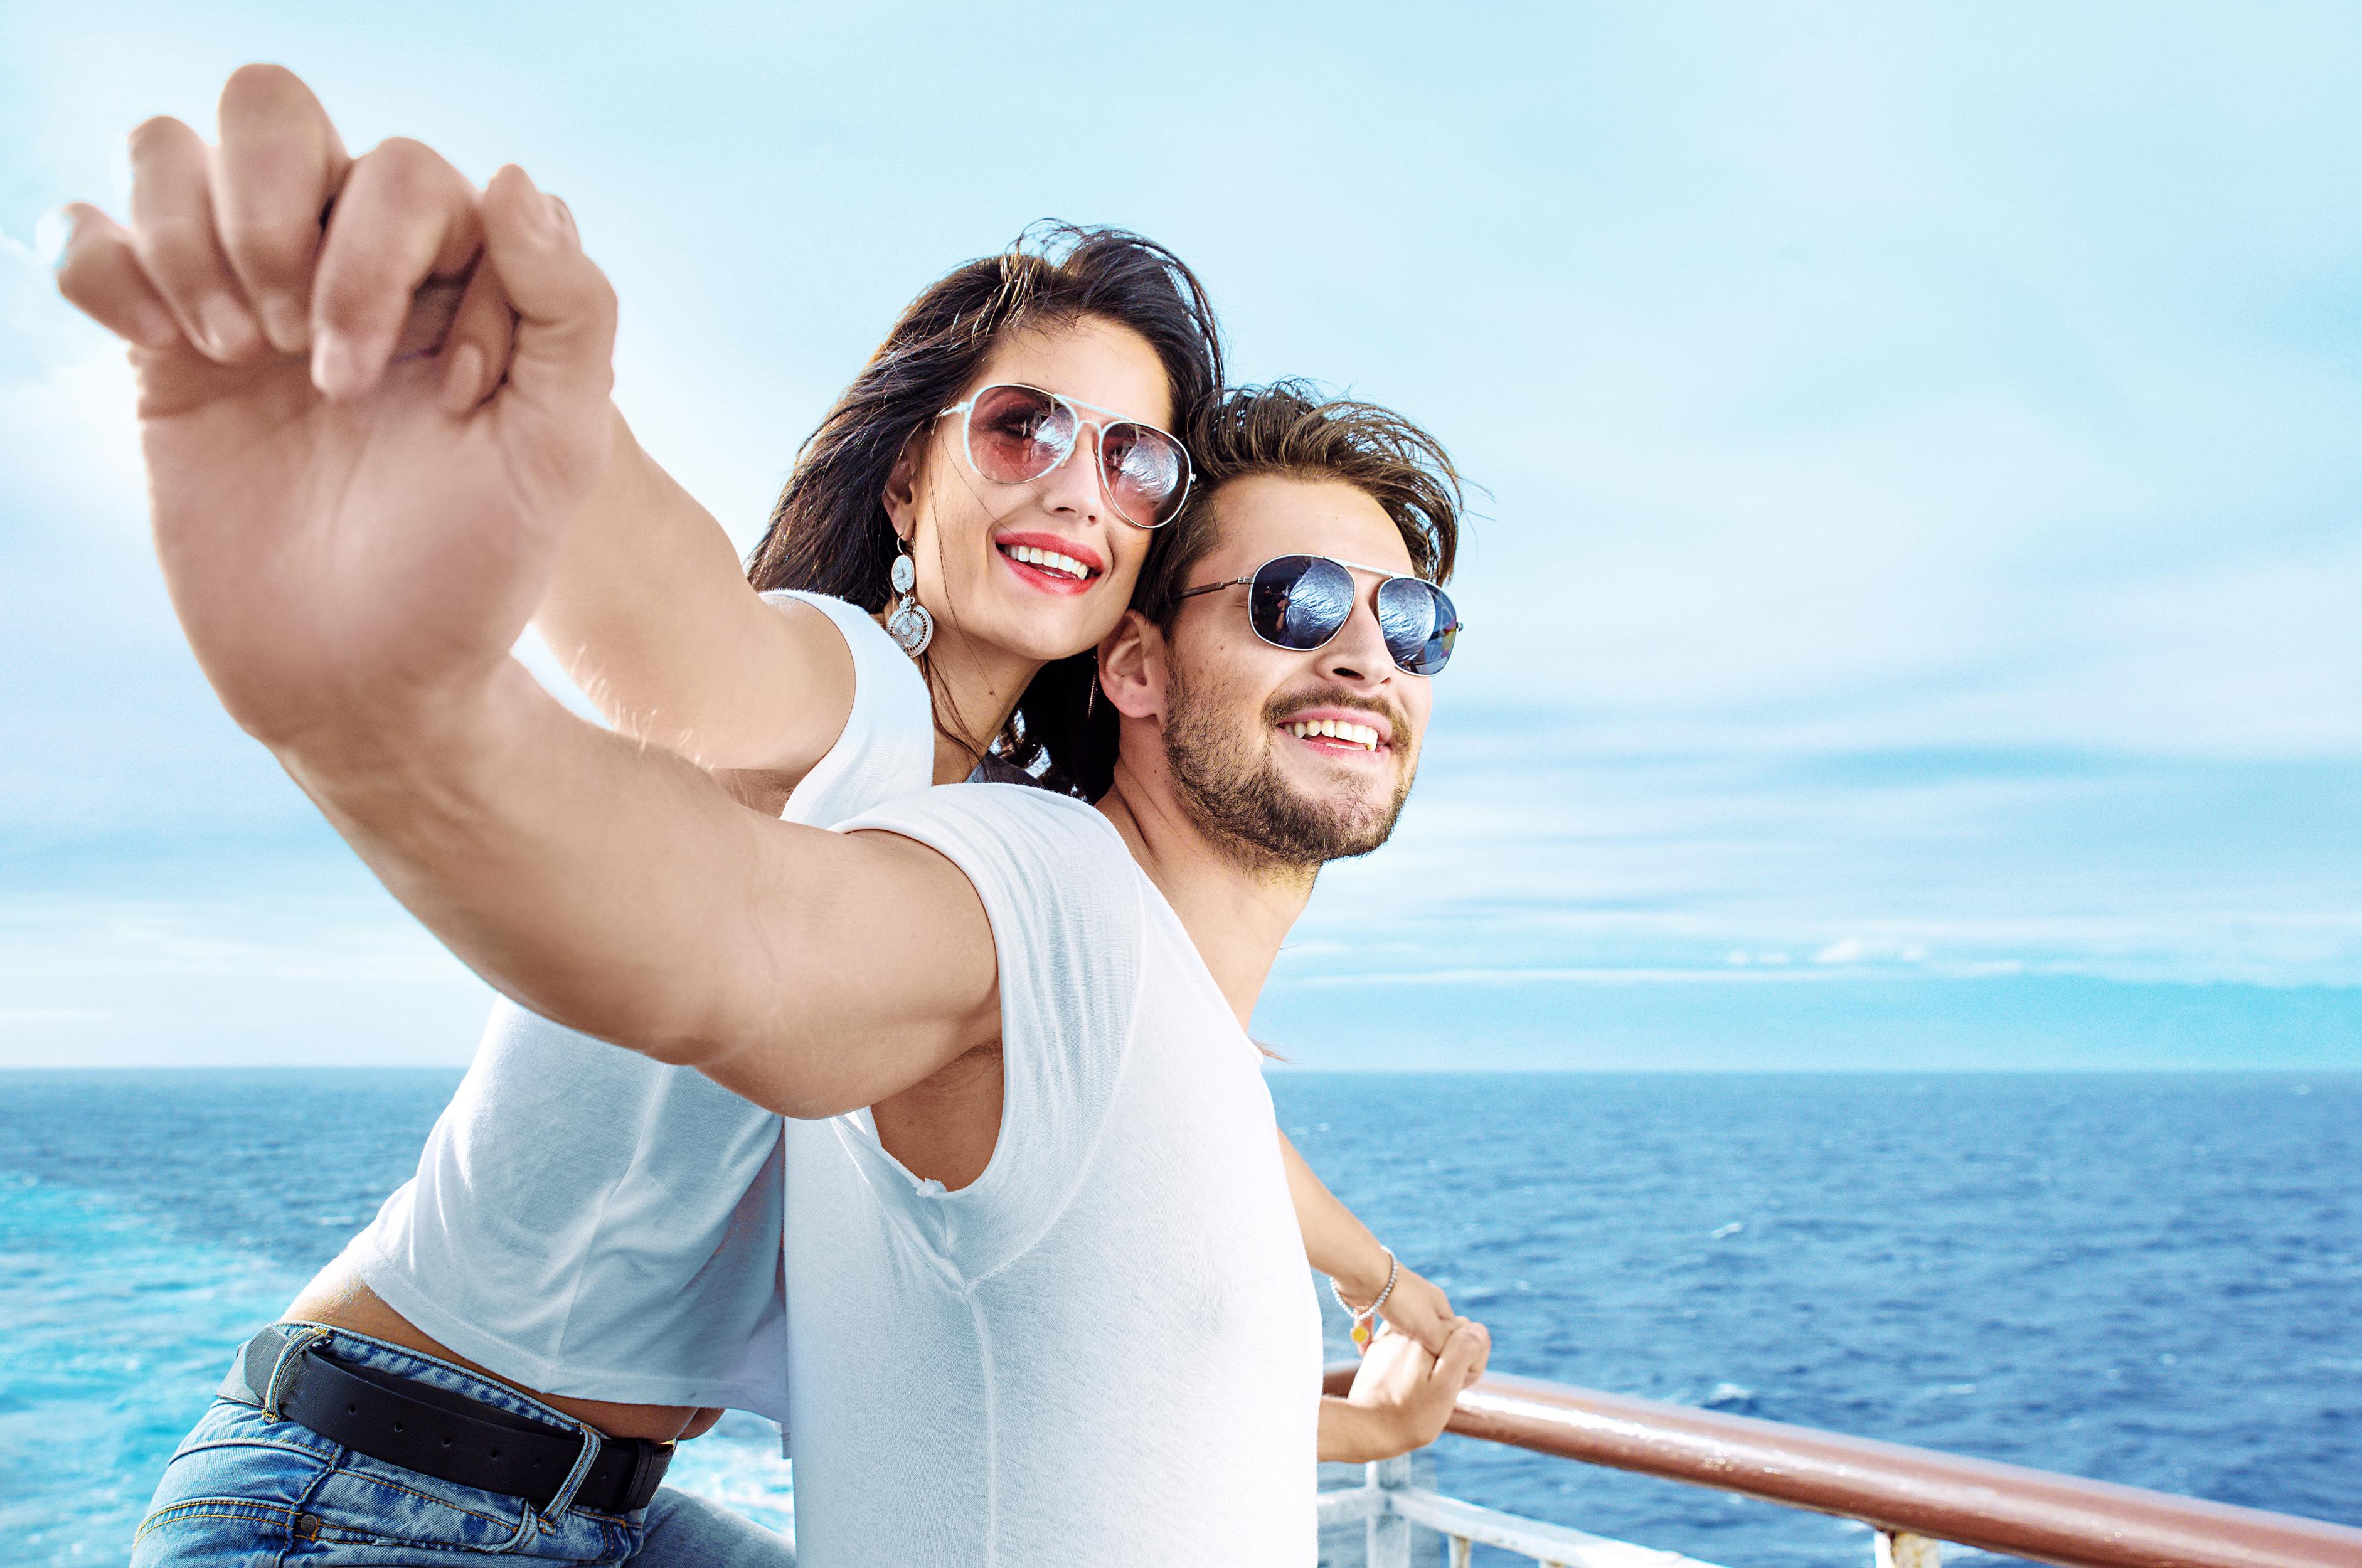 фото счастливых пар на море этот раз